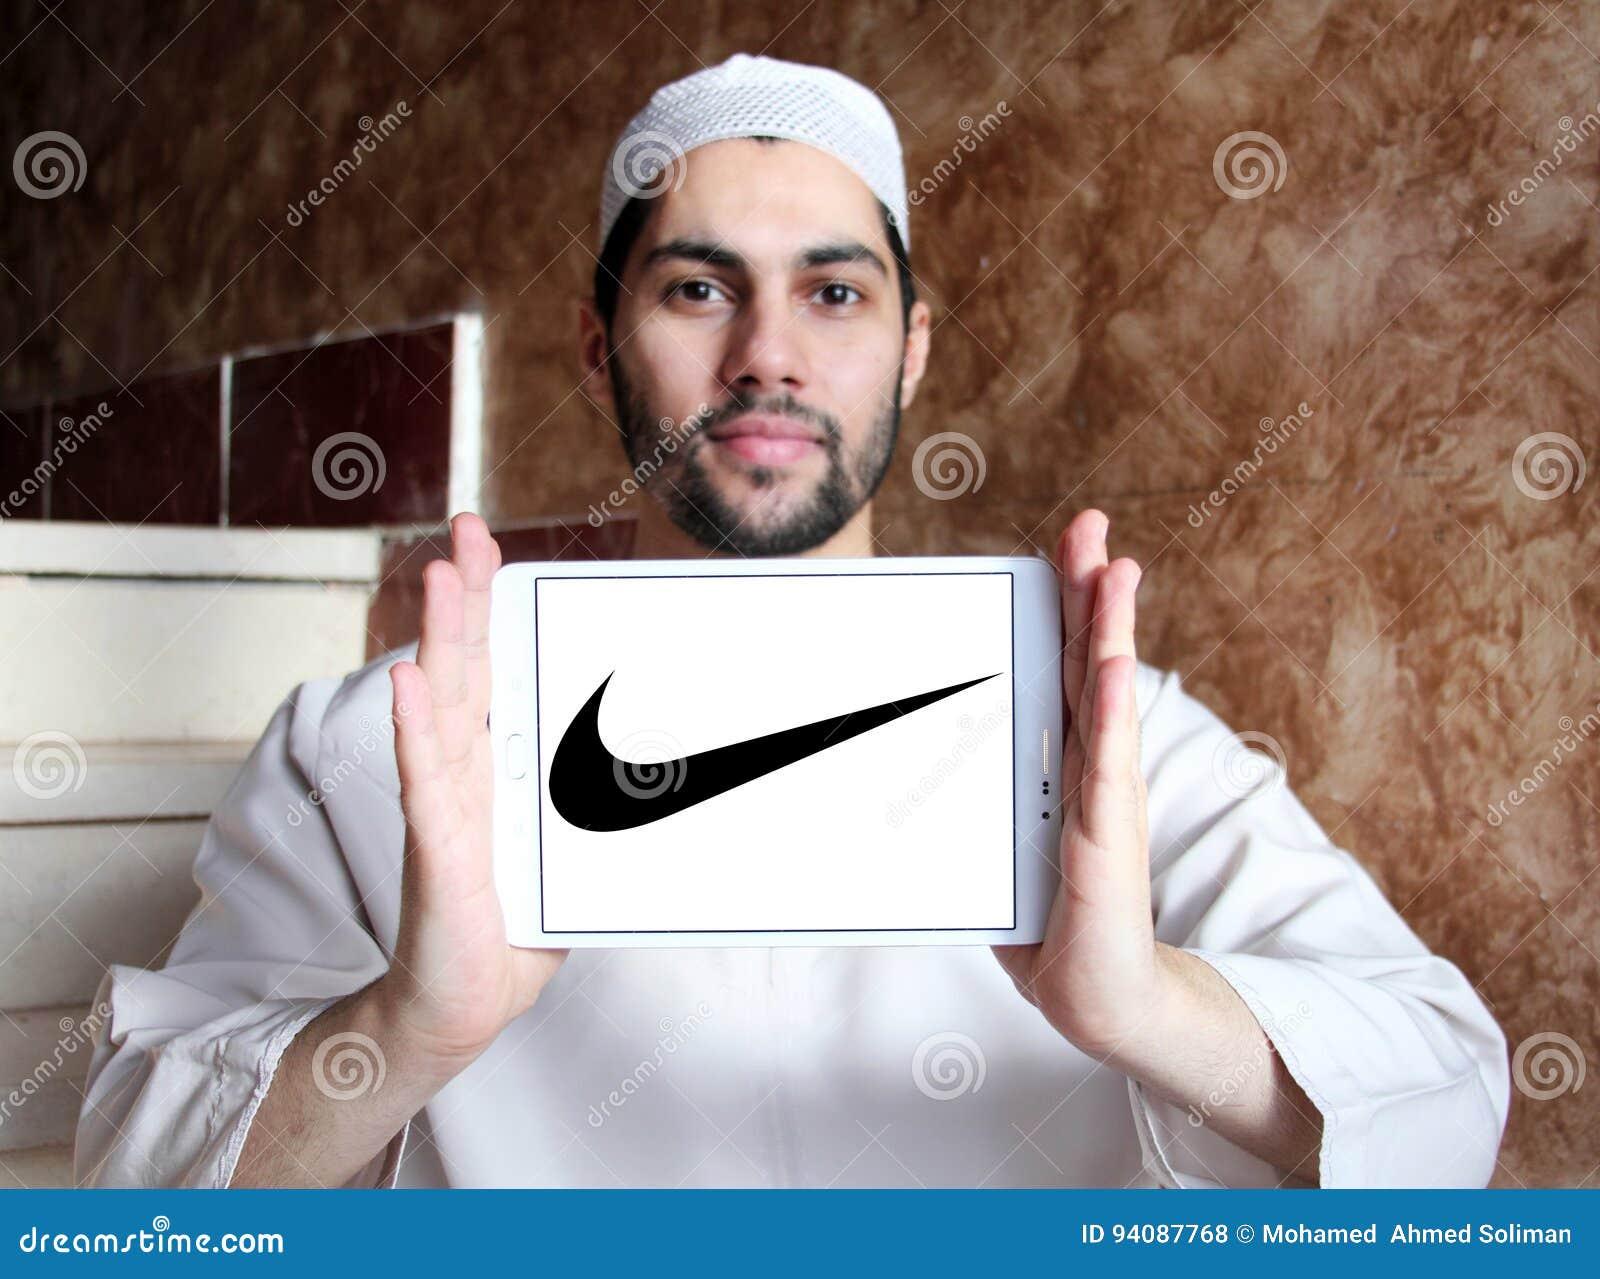 ligado malta aleatorio  Nike logo editorial stock photo. Image of muslim, sport - 94087768